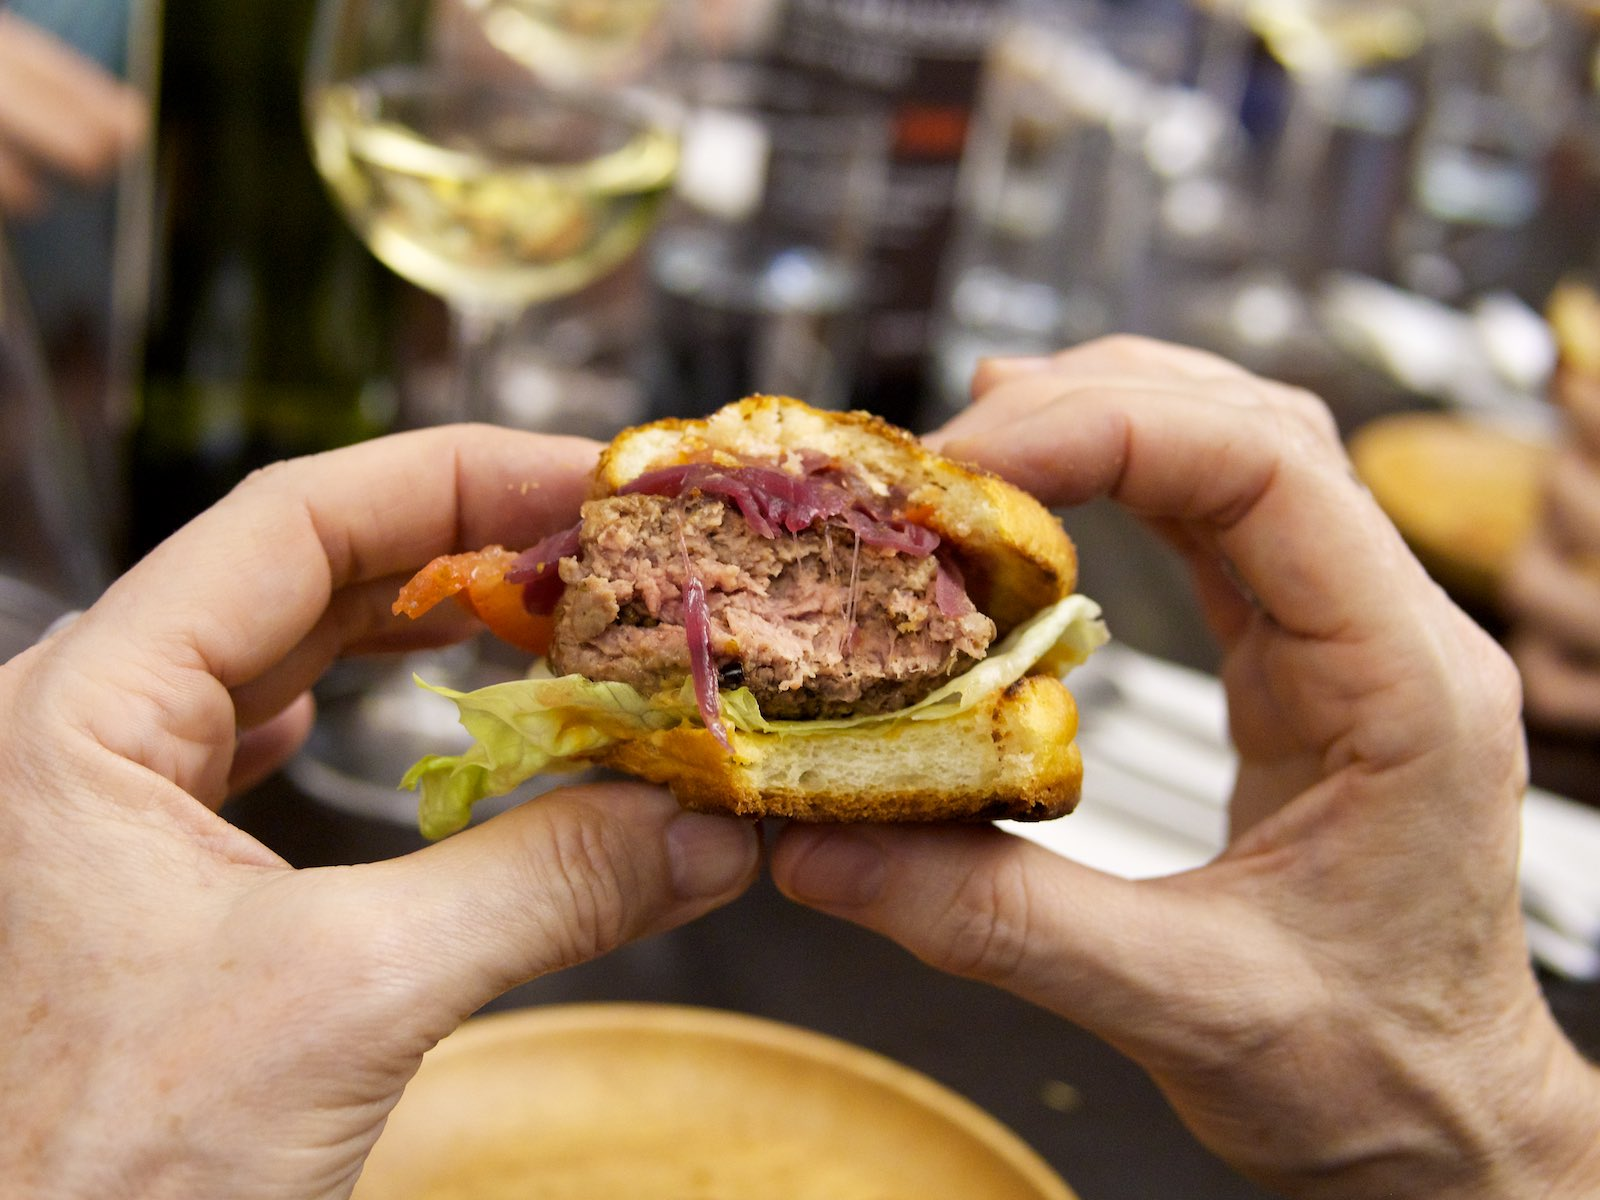 Ein angebissener Briocheburger mit Rindfleisch-Grille-Heimchen-Laberl und Mehlwurm-Knusper